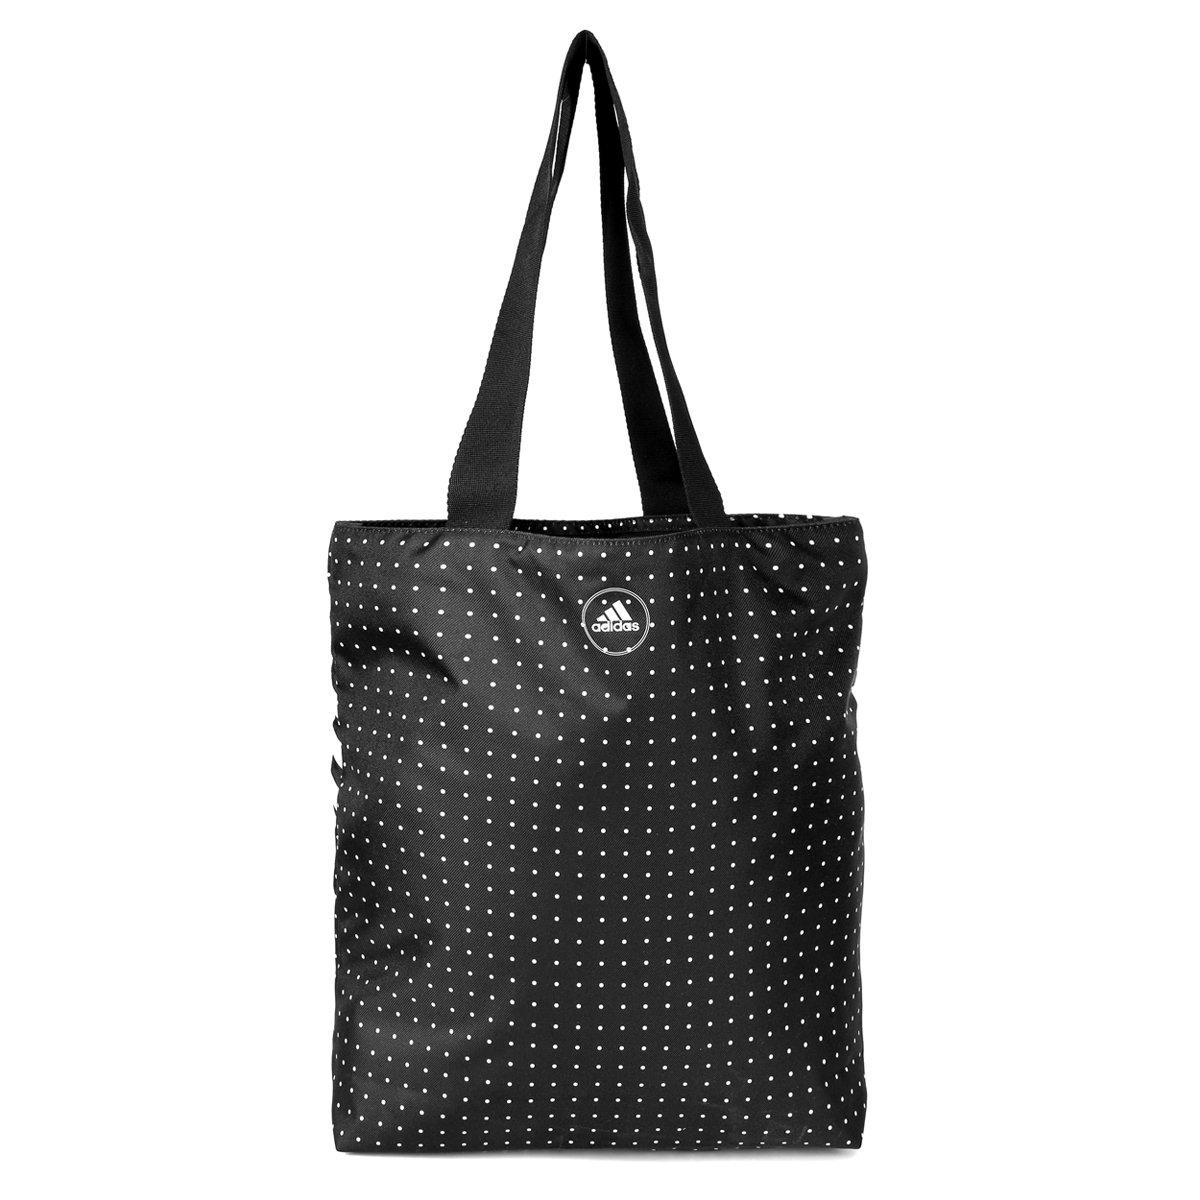 56ae990cf Bolsa Adidas Favourite Shop 3S G1 - Compre Agora   Zattini